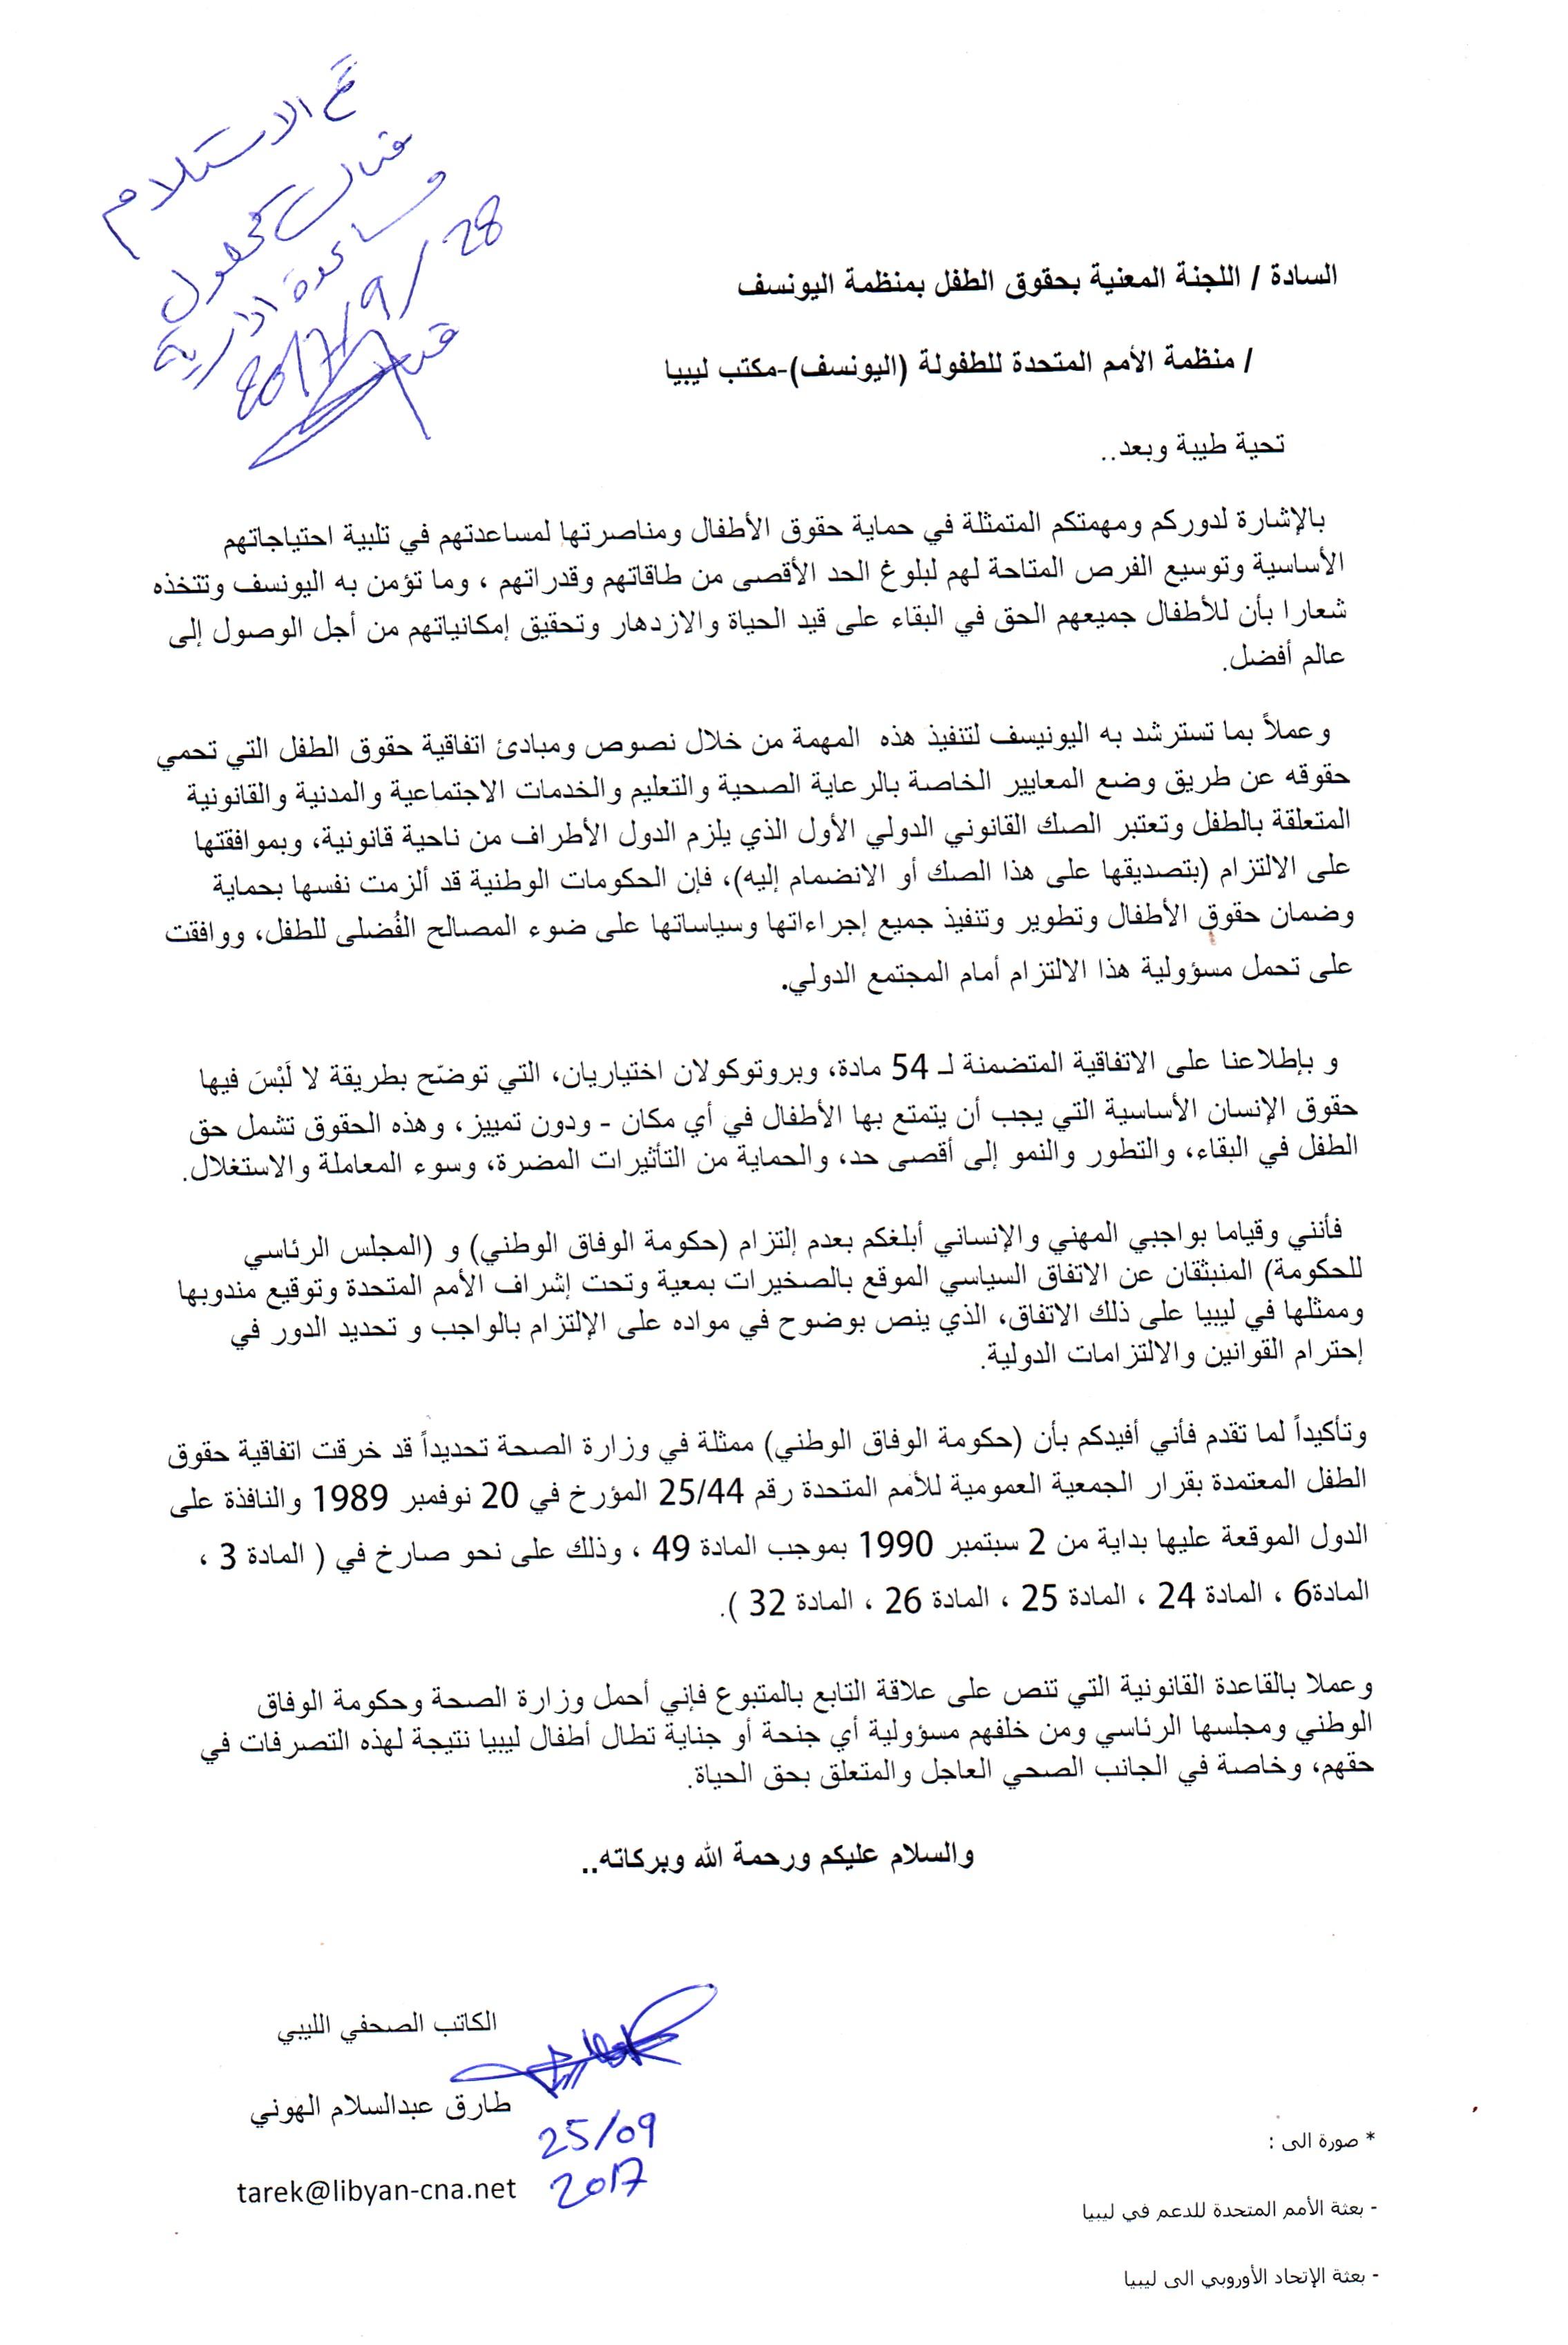 Photo of حقوق الطفل الليبي بين تَسوِيف اليونسف وتَجّمل الوفاق وإنصاف القضاء